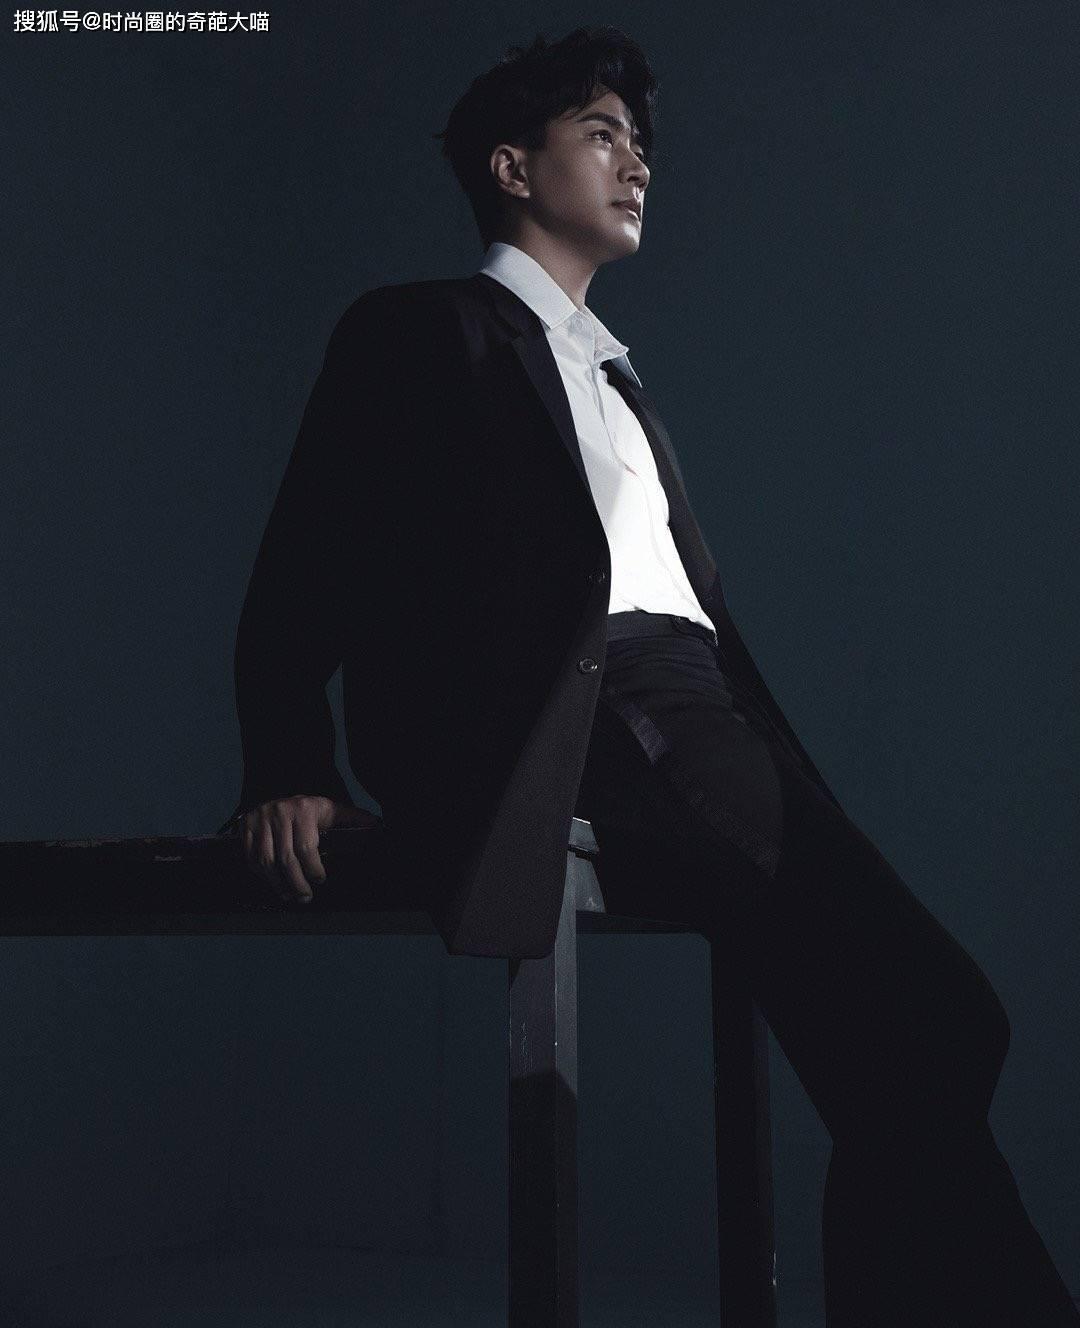 刘恺威46岁仍似少年,黑白大片演绎极致孤独感,果然越老越有魅力